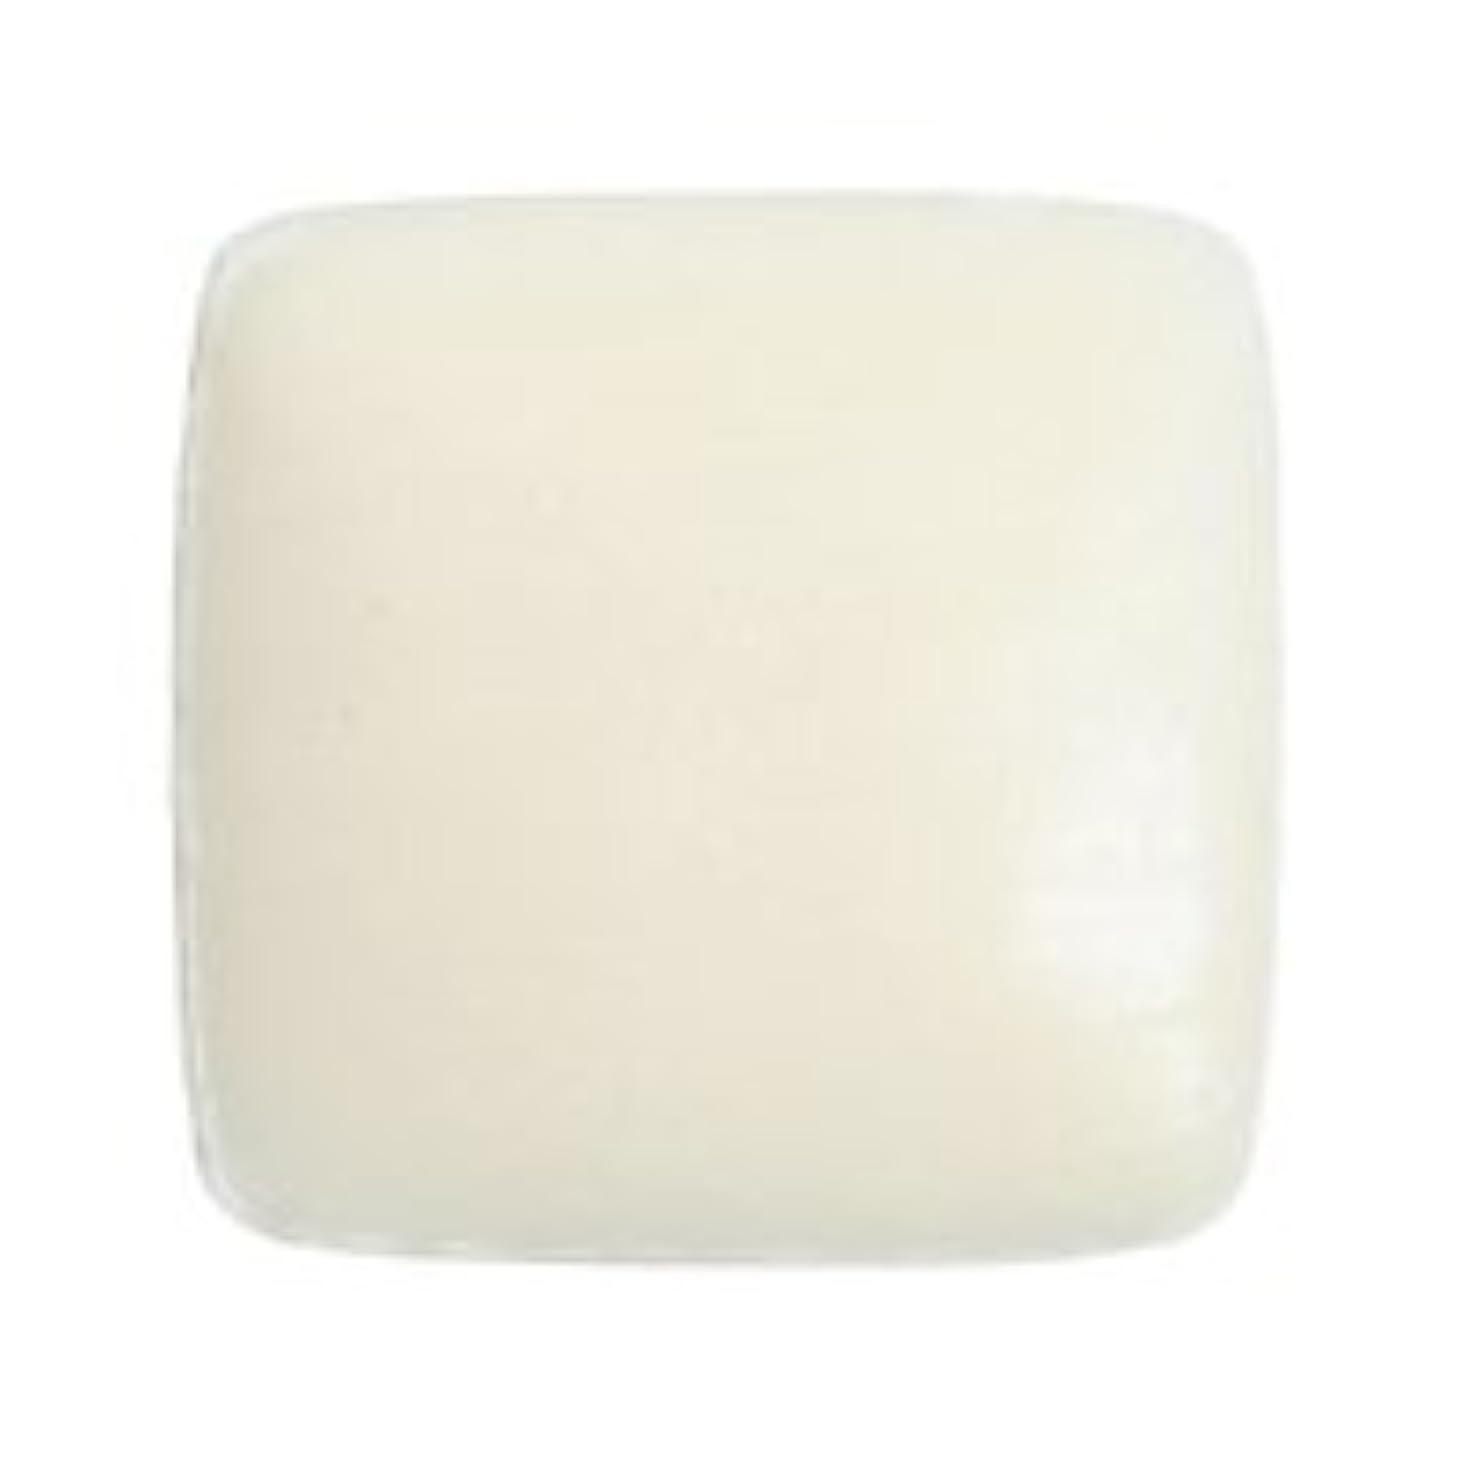 むき出し技術者登山家ドクターY ホワイトクレイソープ80g 固形石鹸